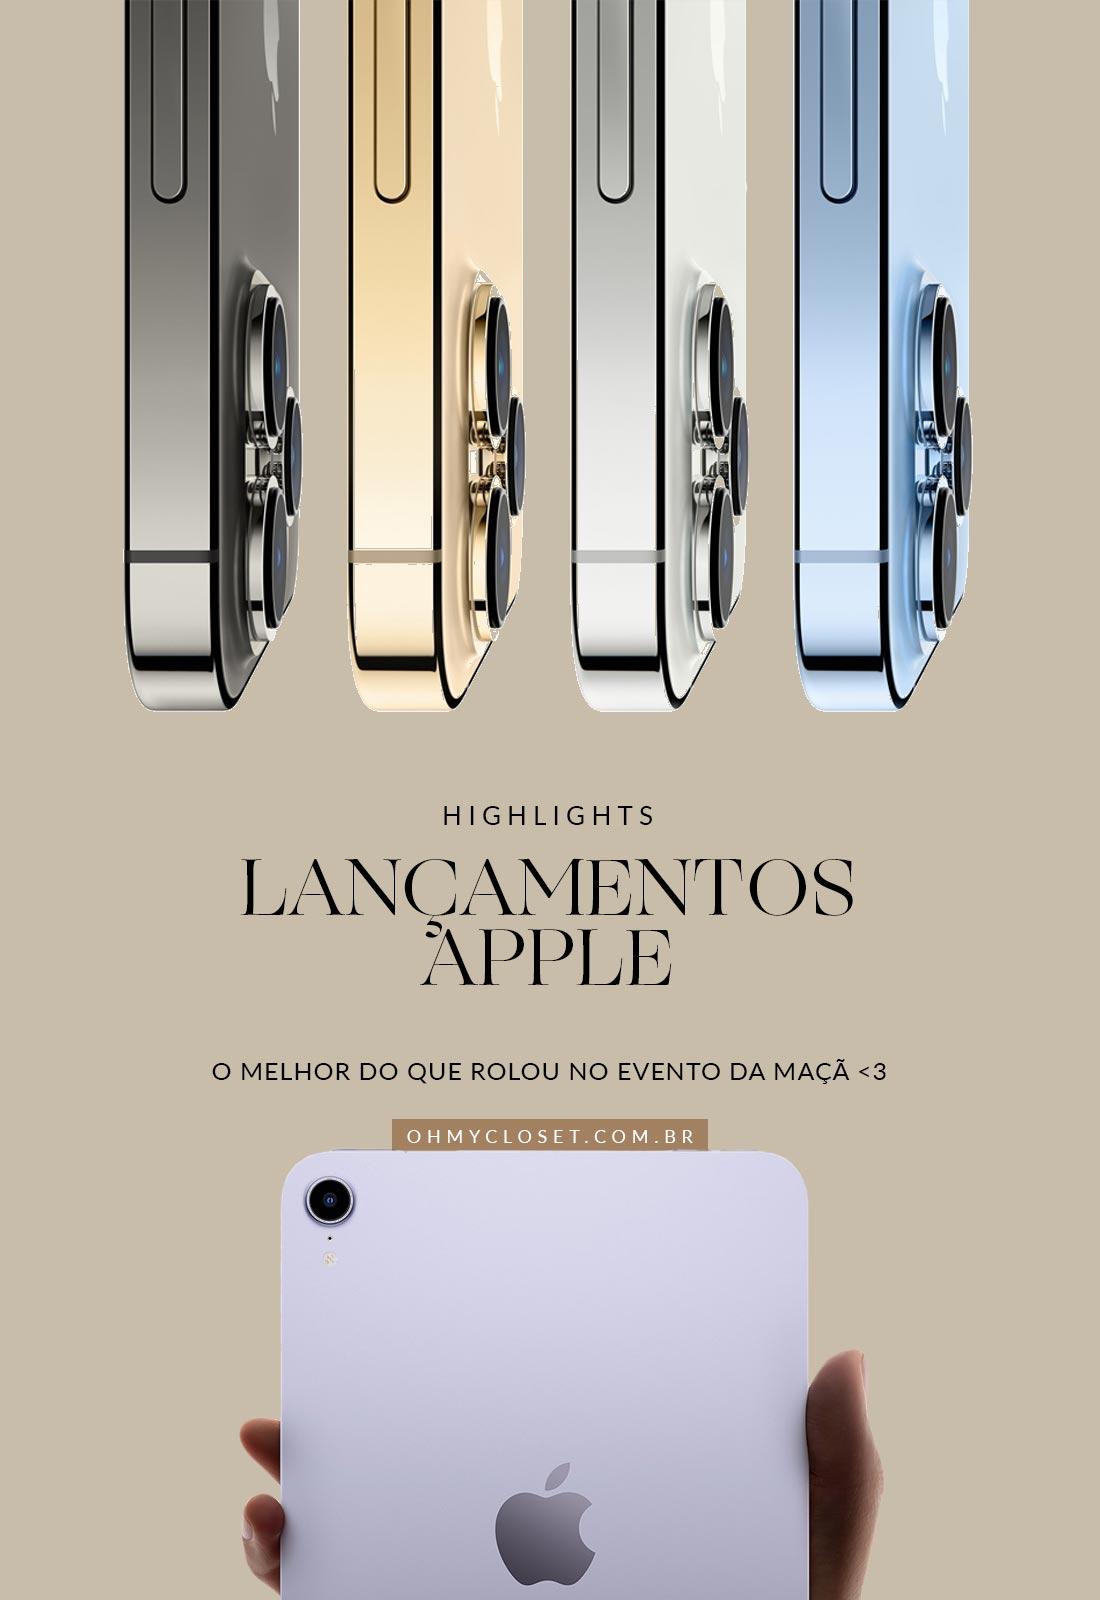 Lançamento Apple Setembro de 2021. iPhone, iPad, and Apple Watch.